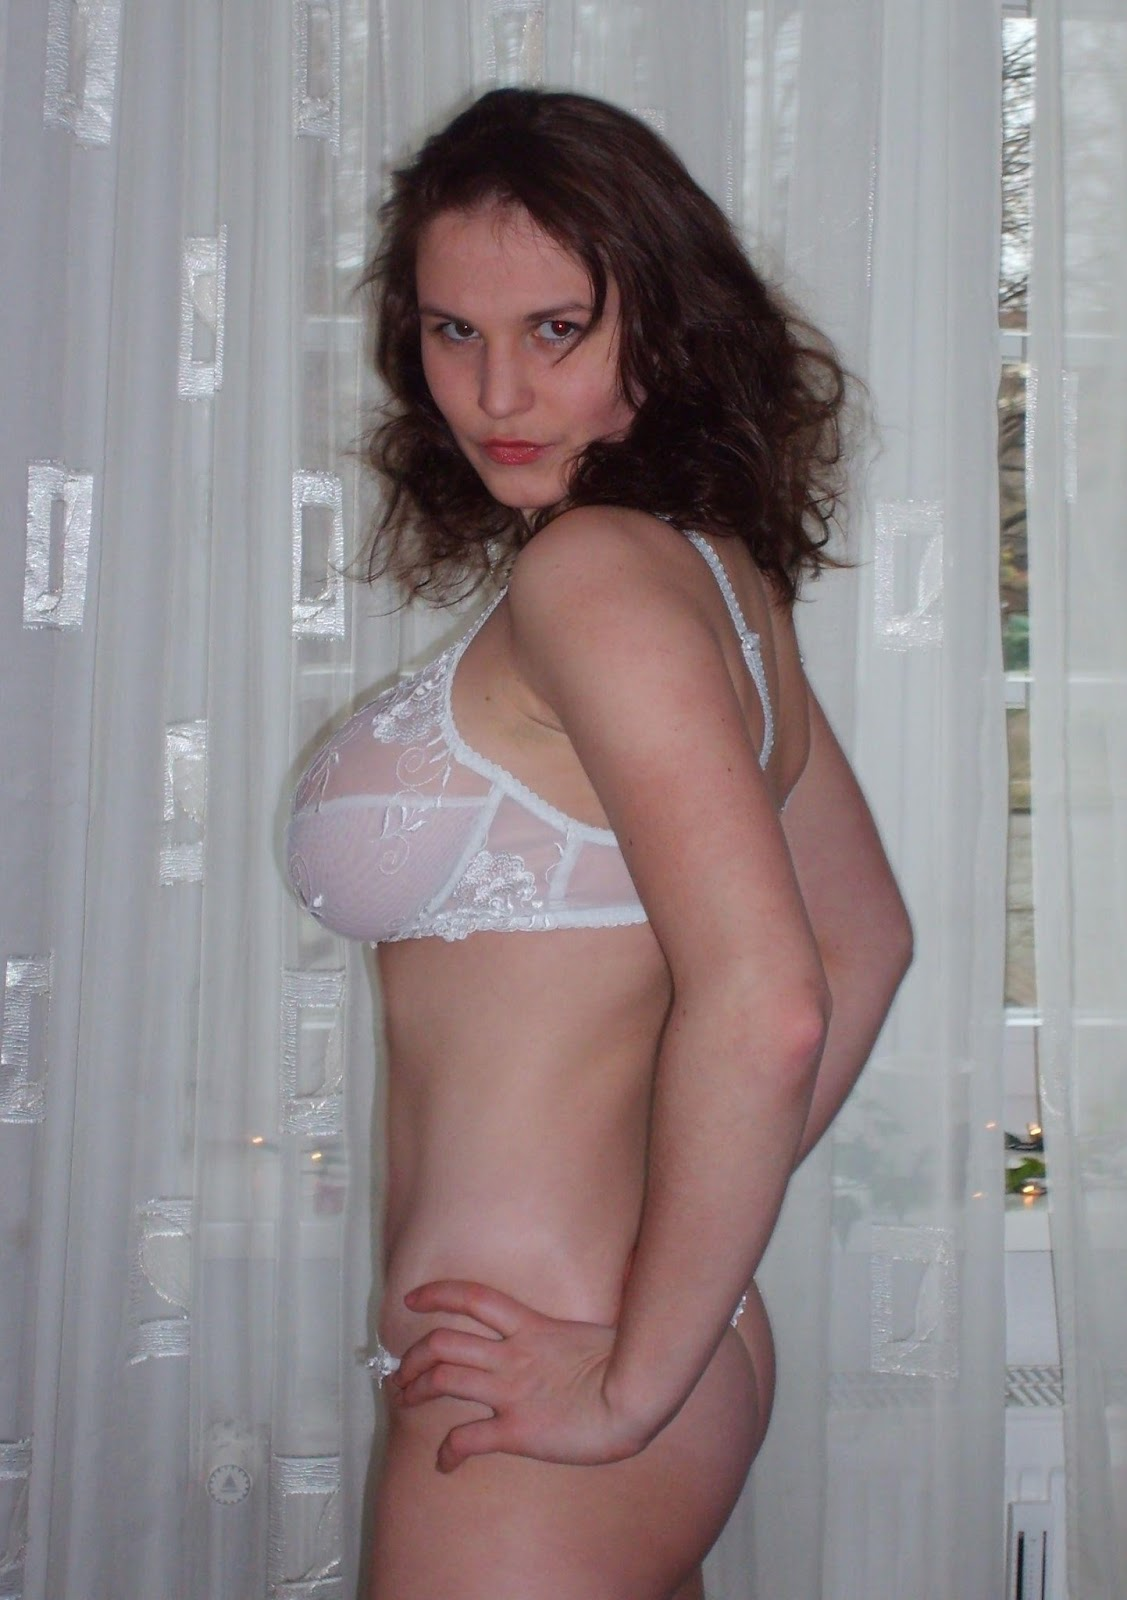 Market Nude Girl: Hendrike, una estudiant de medicina alemanya